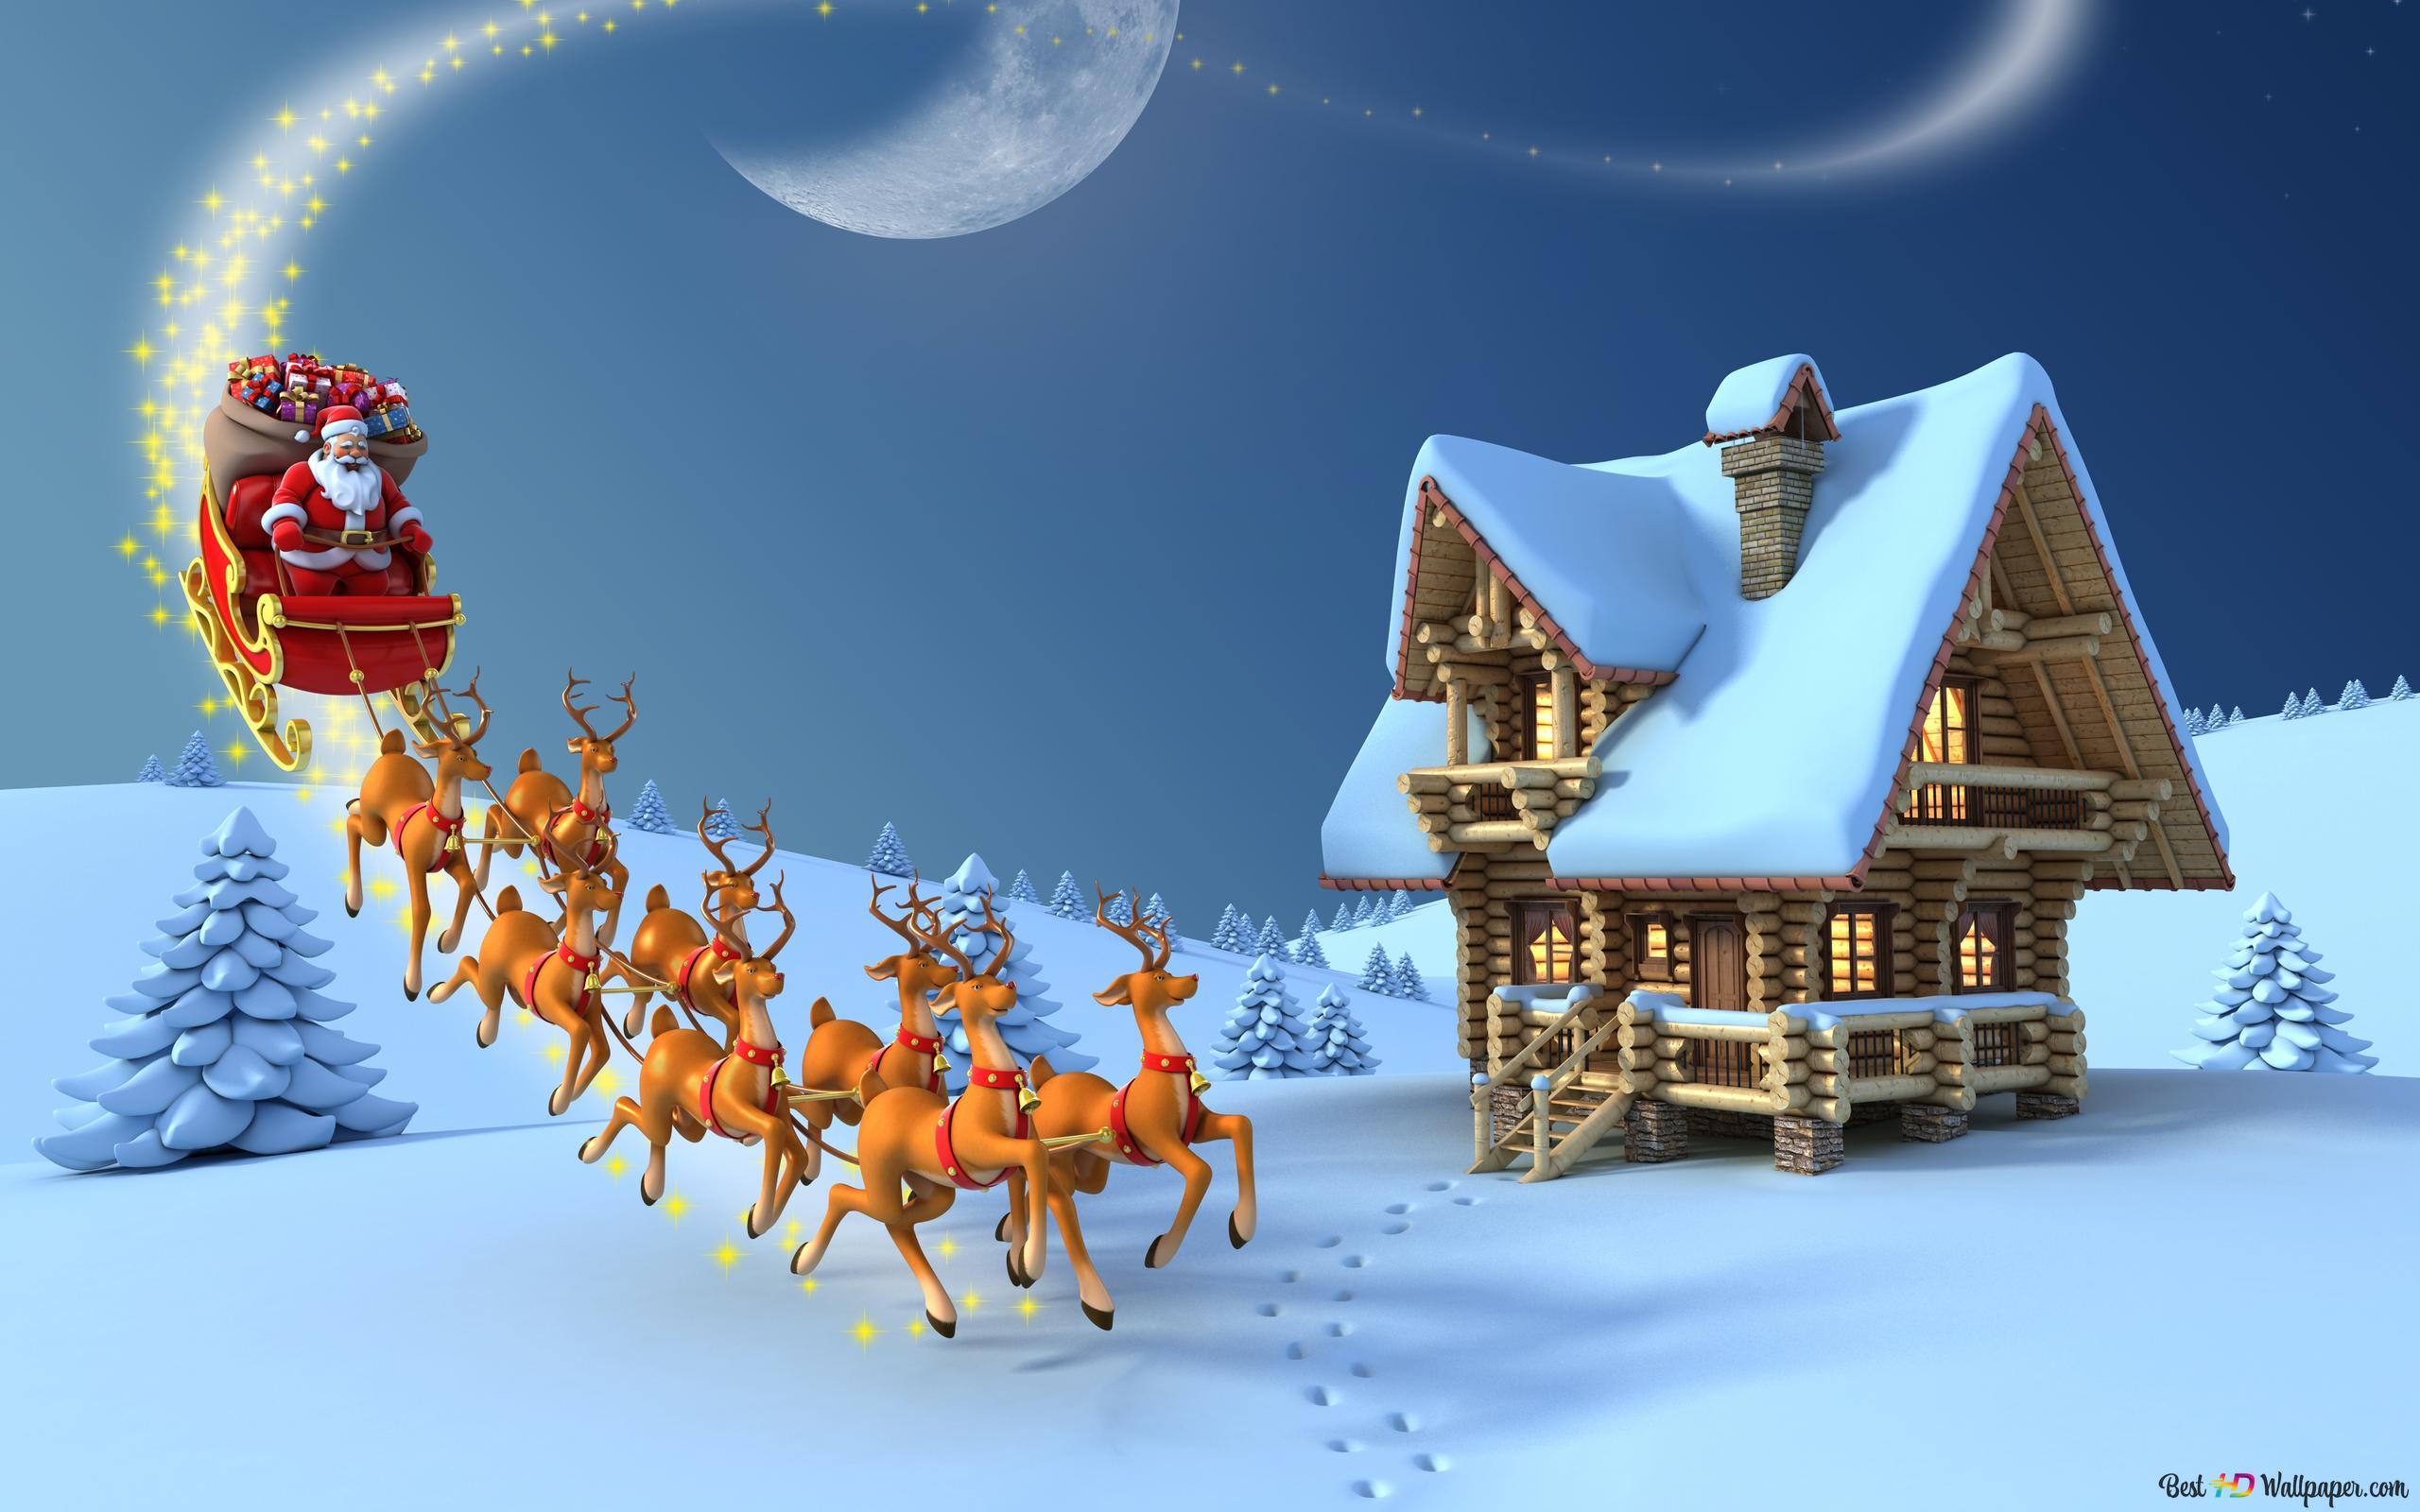 Sfondi Babbo Natale.Babbo Natale E In Citta Download Di Sfondi Hd